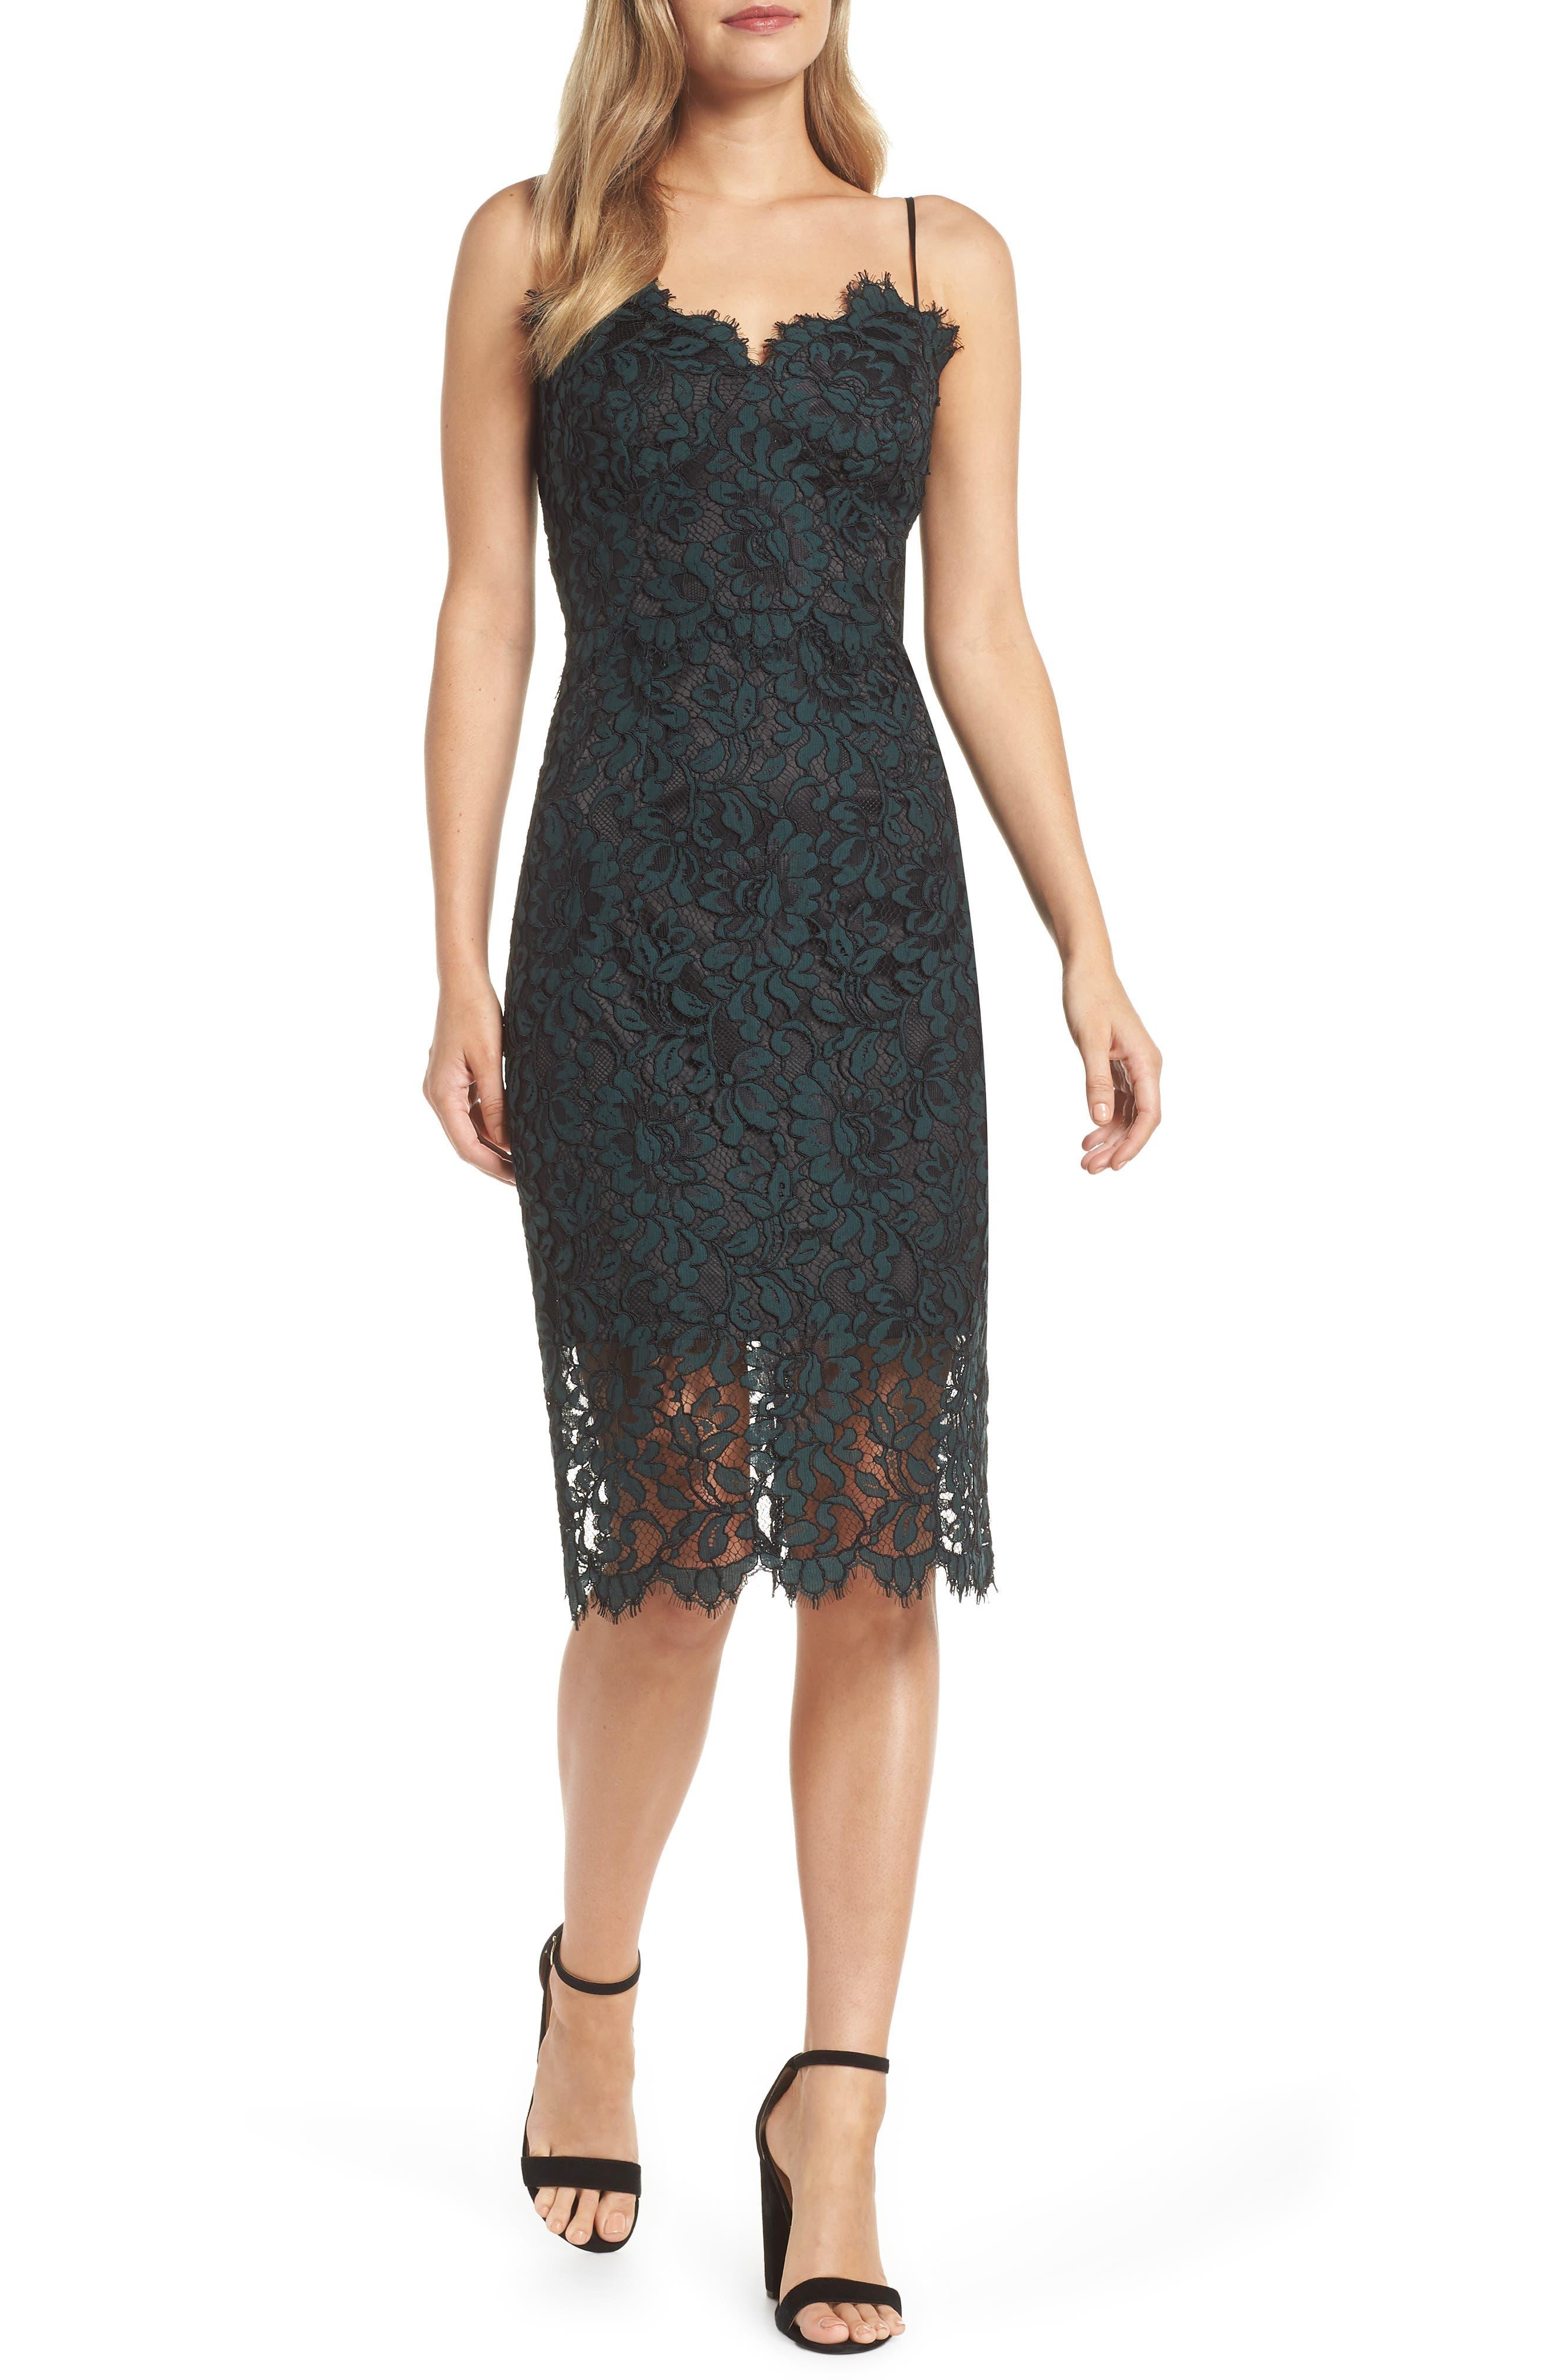 ELIZA J, Sweetheart Neck Lace Sheath Dress, Main thumbnail 1, color, 310